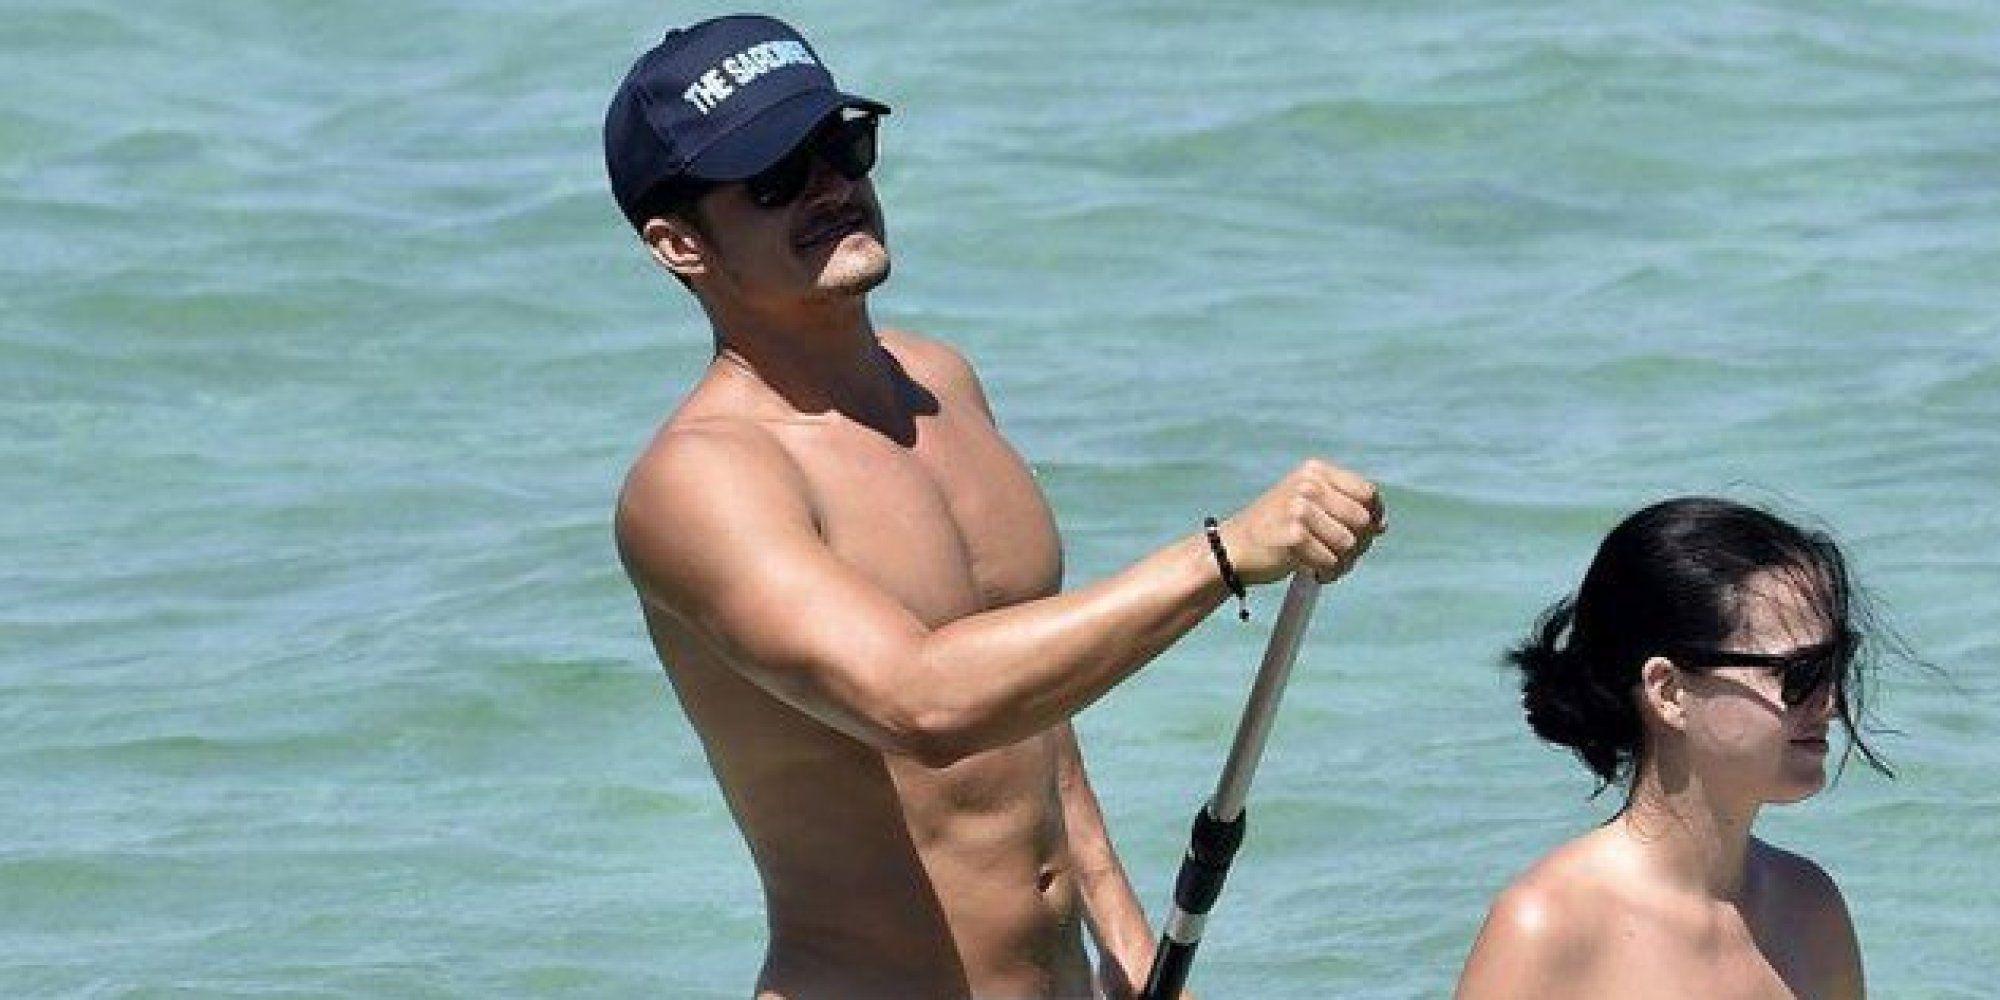 Orlando Bloom nudo in Sardegna